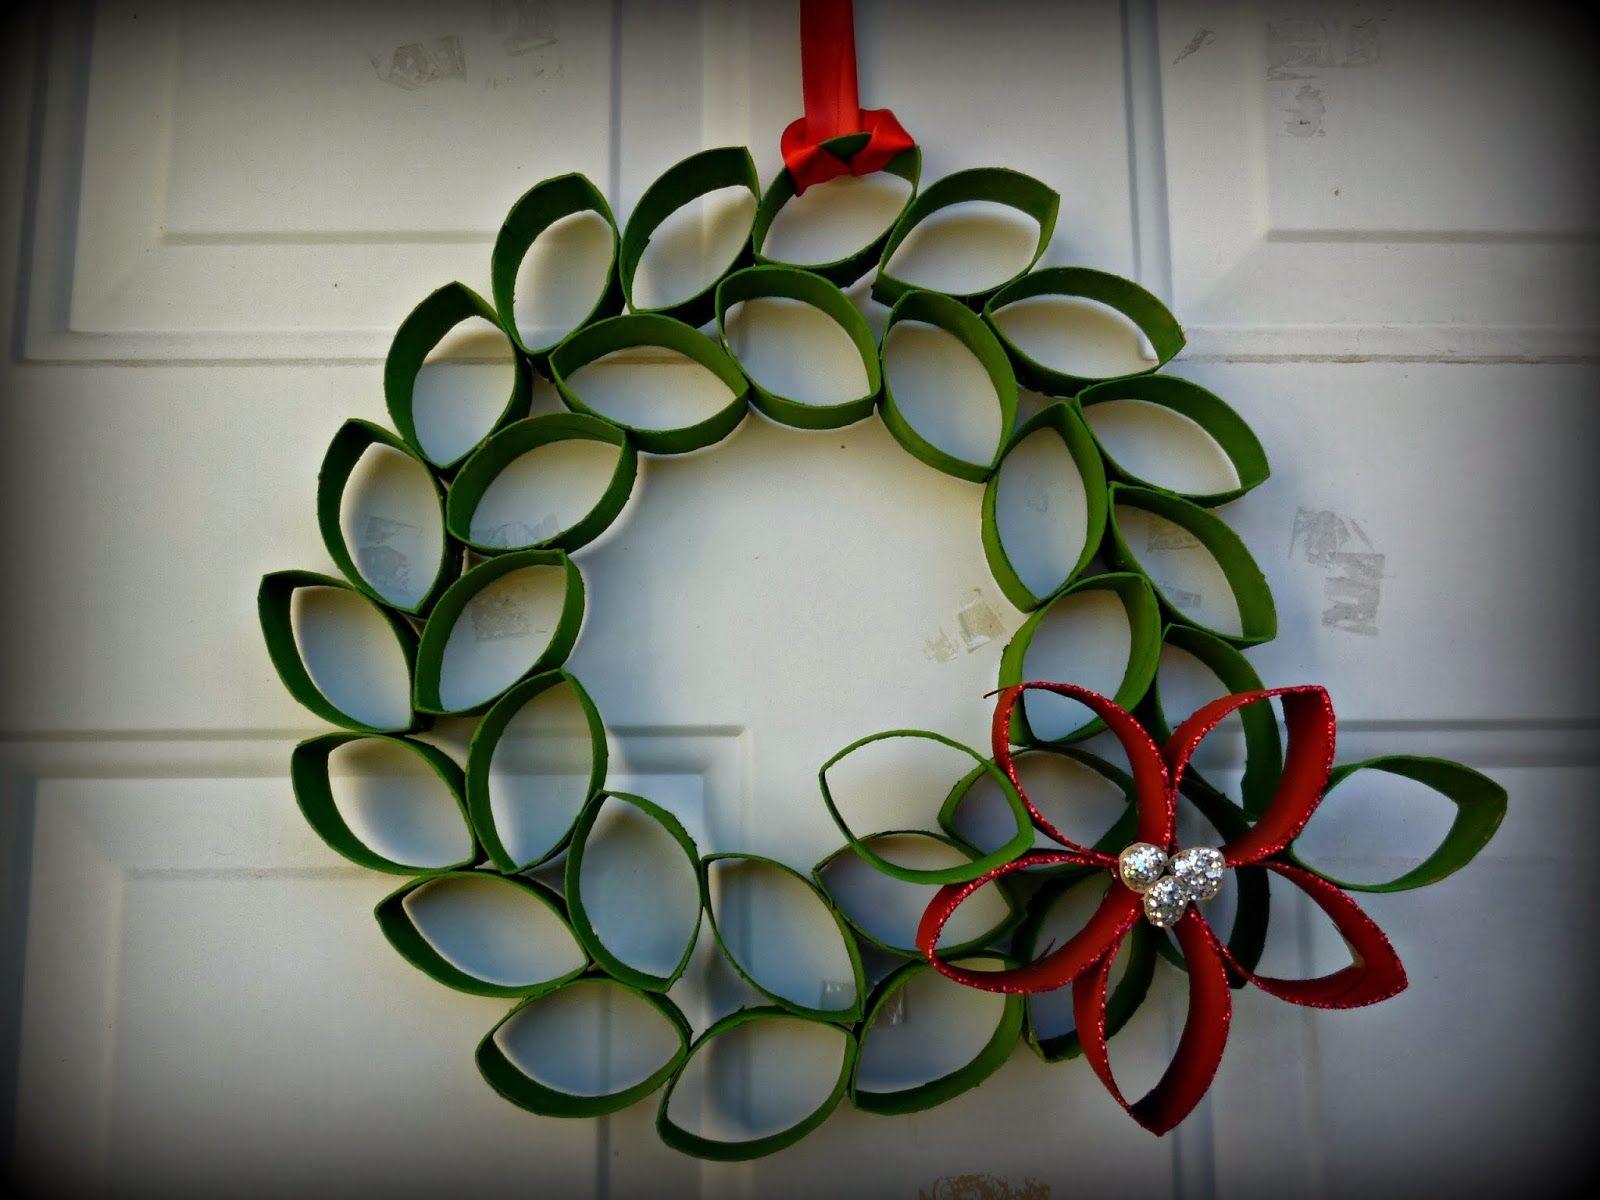 De todo y nada corona de navidad con rollos de papel diy - Coronas de navidad ...